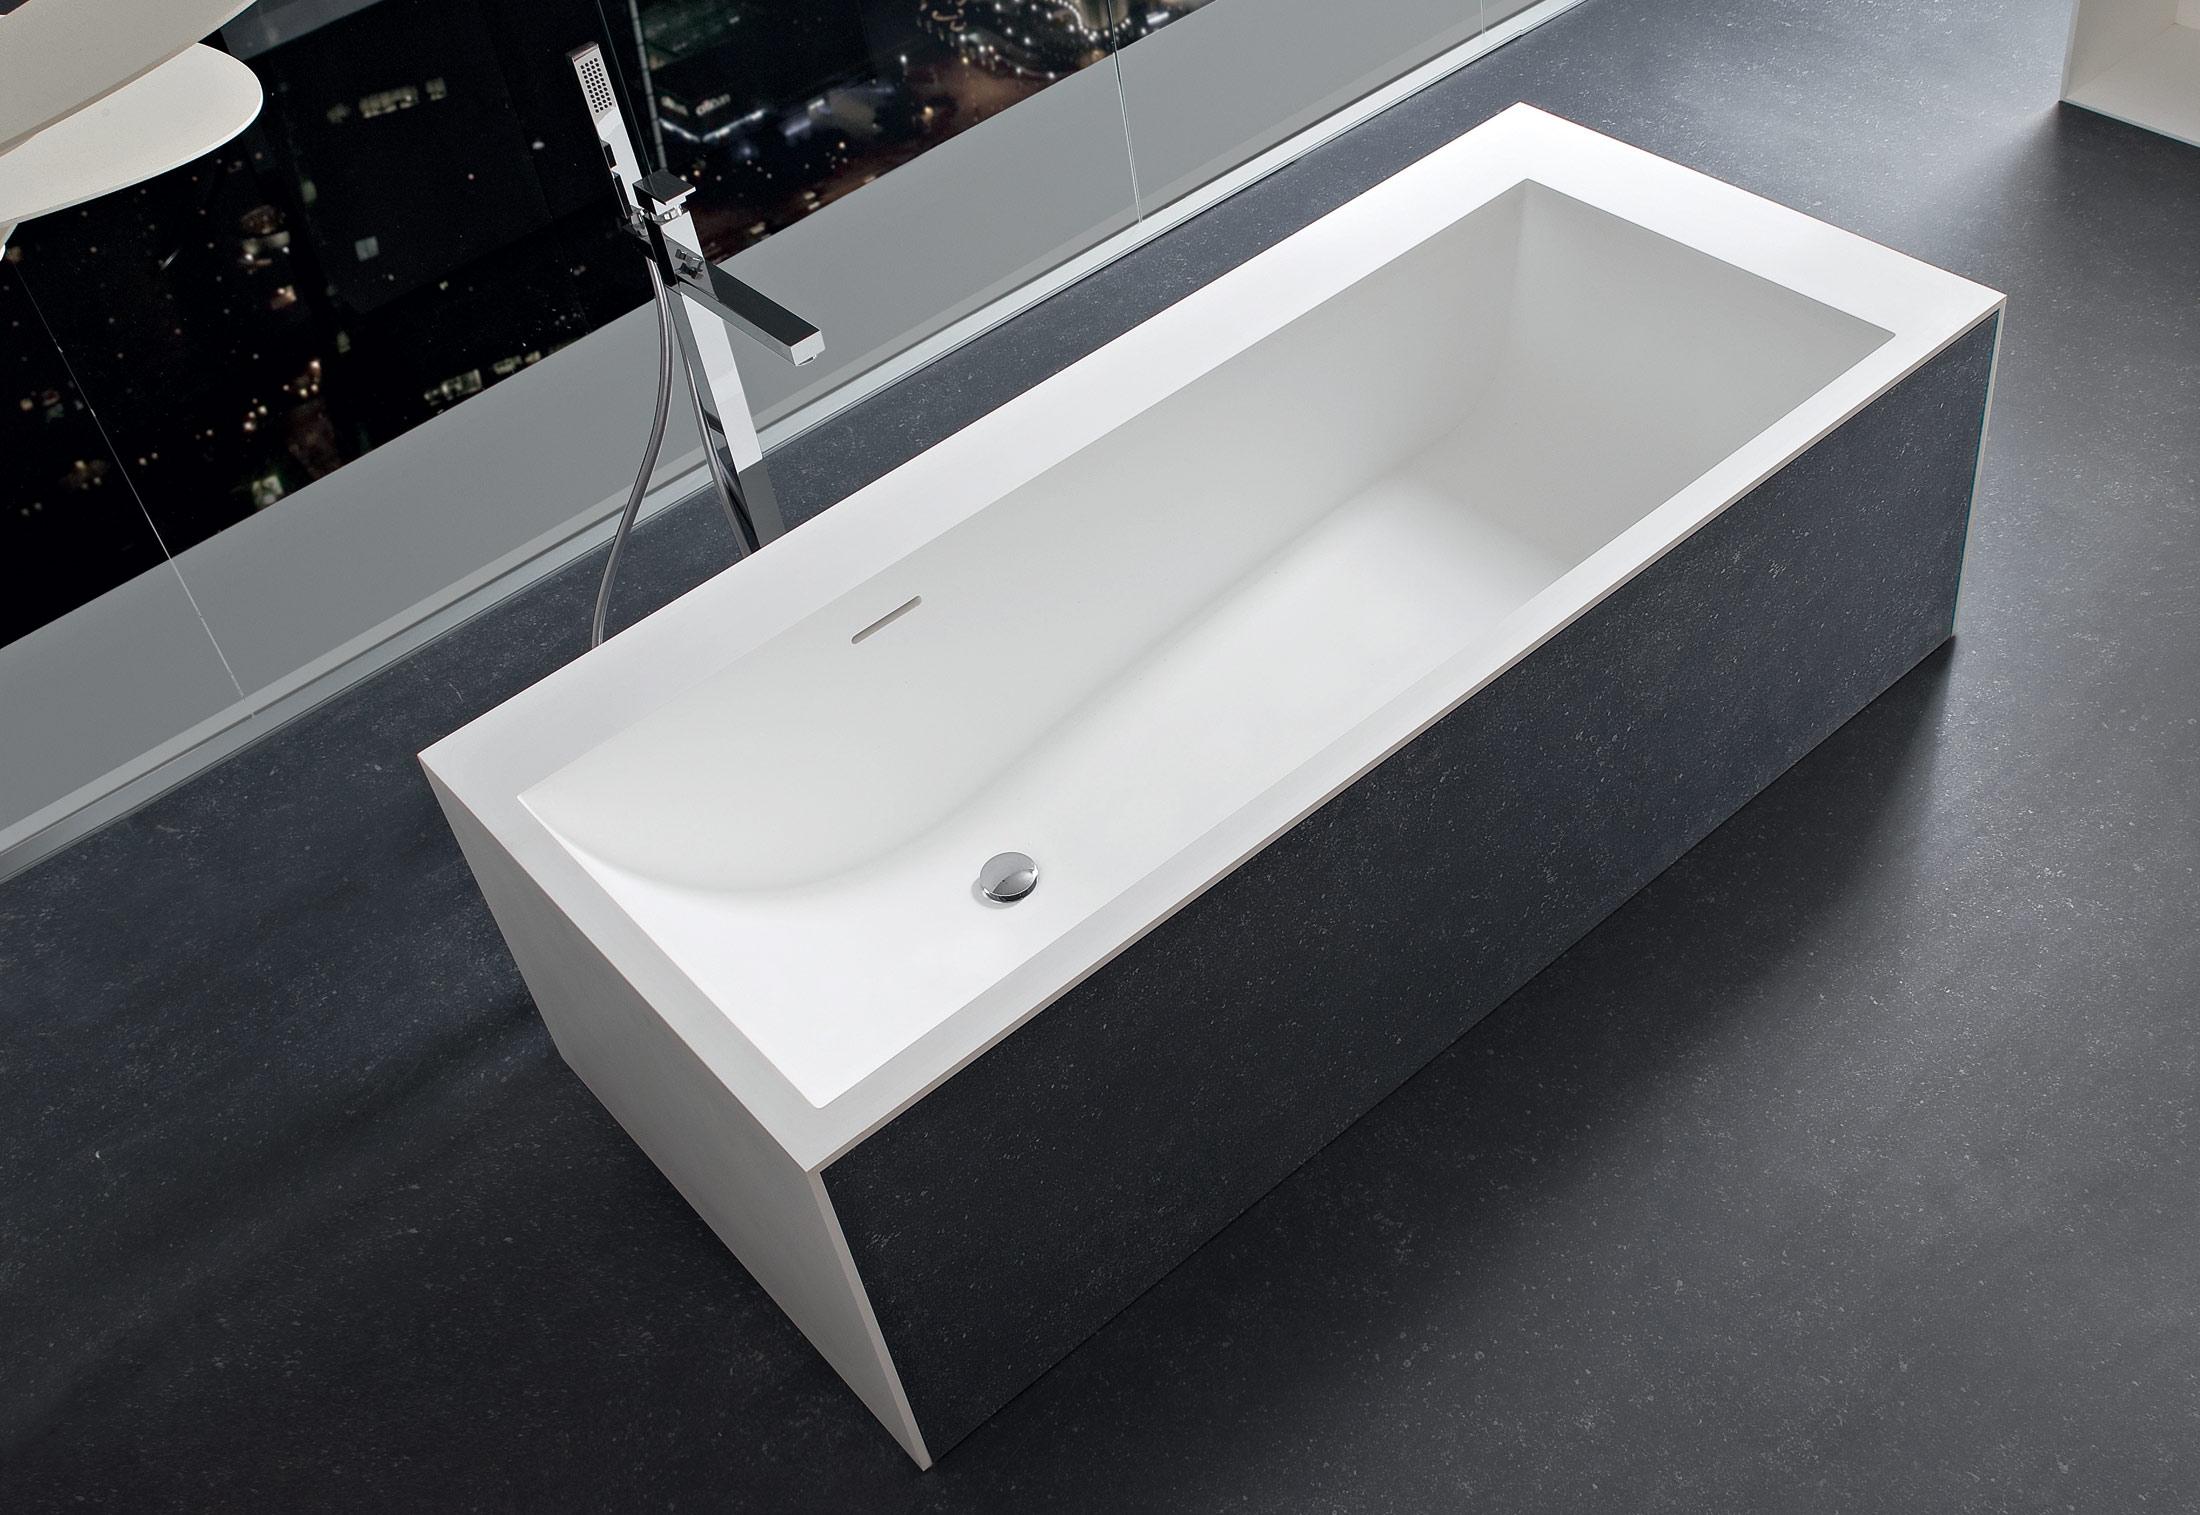 giano badewanne freistehend von rexa design stylepark. Black Bedroom Furniture Sets. Home Design Ideas